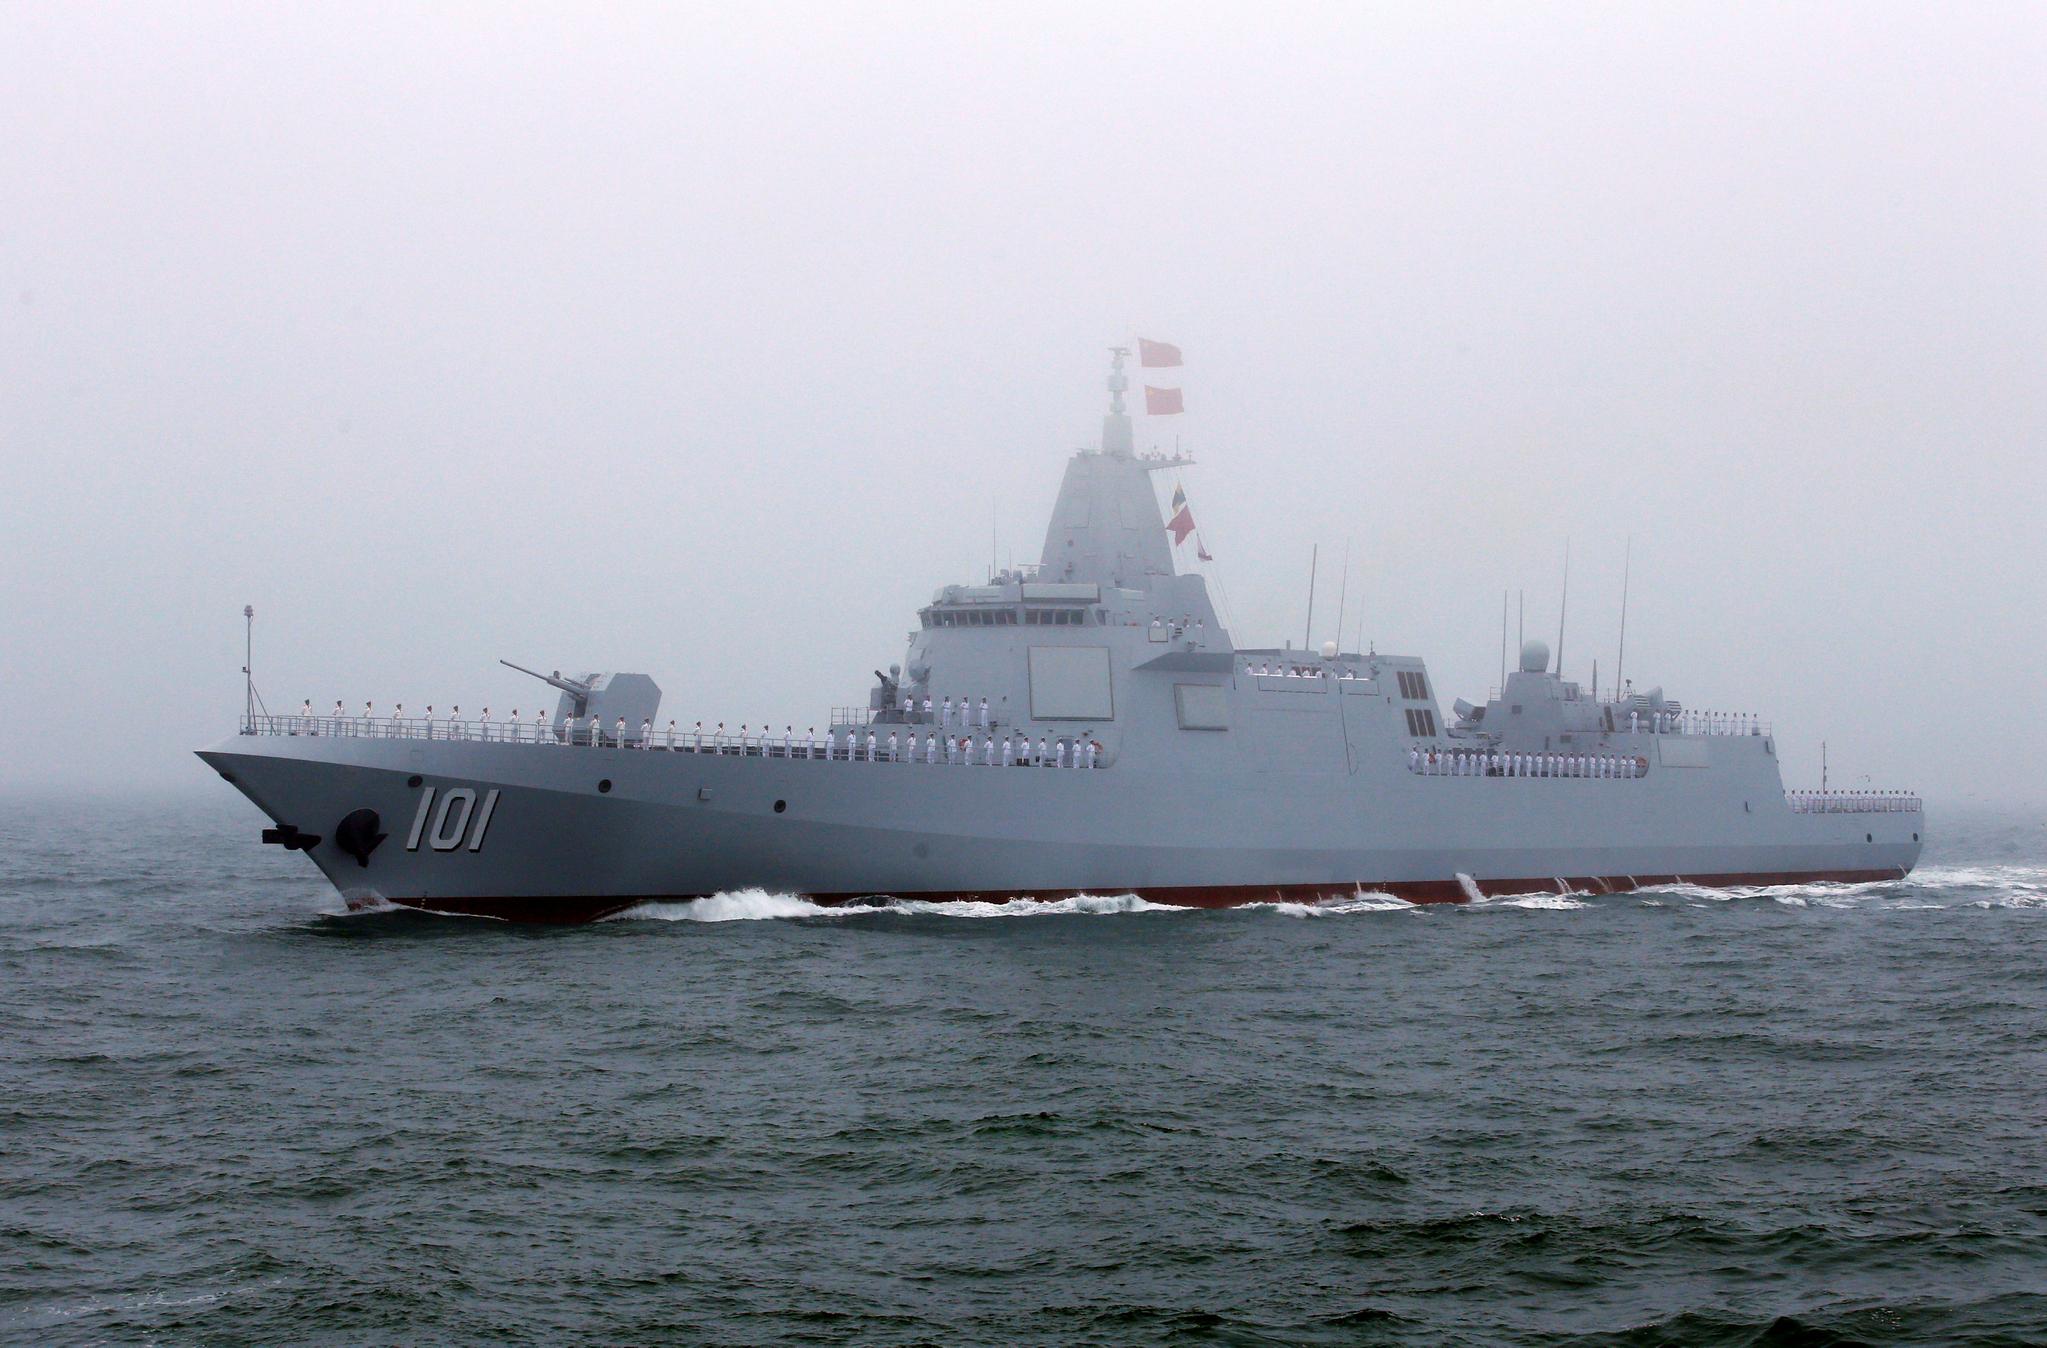 이날 열병식에 참가한 중국의 '055형' 미사일 구축함인 난창호. 이 함은 스텔스 기능도 갖춘 것으로 알려졌다. [신화=연합뉴스]